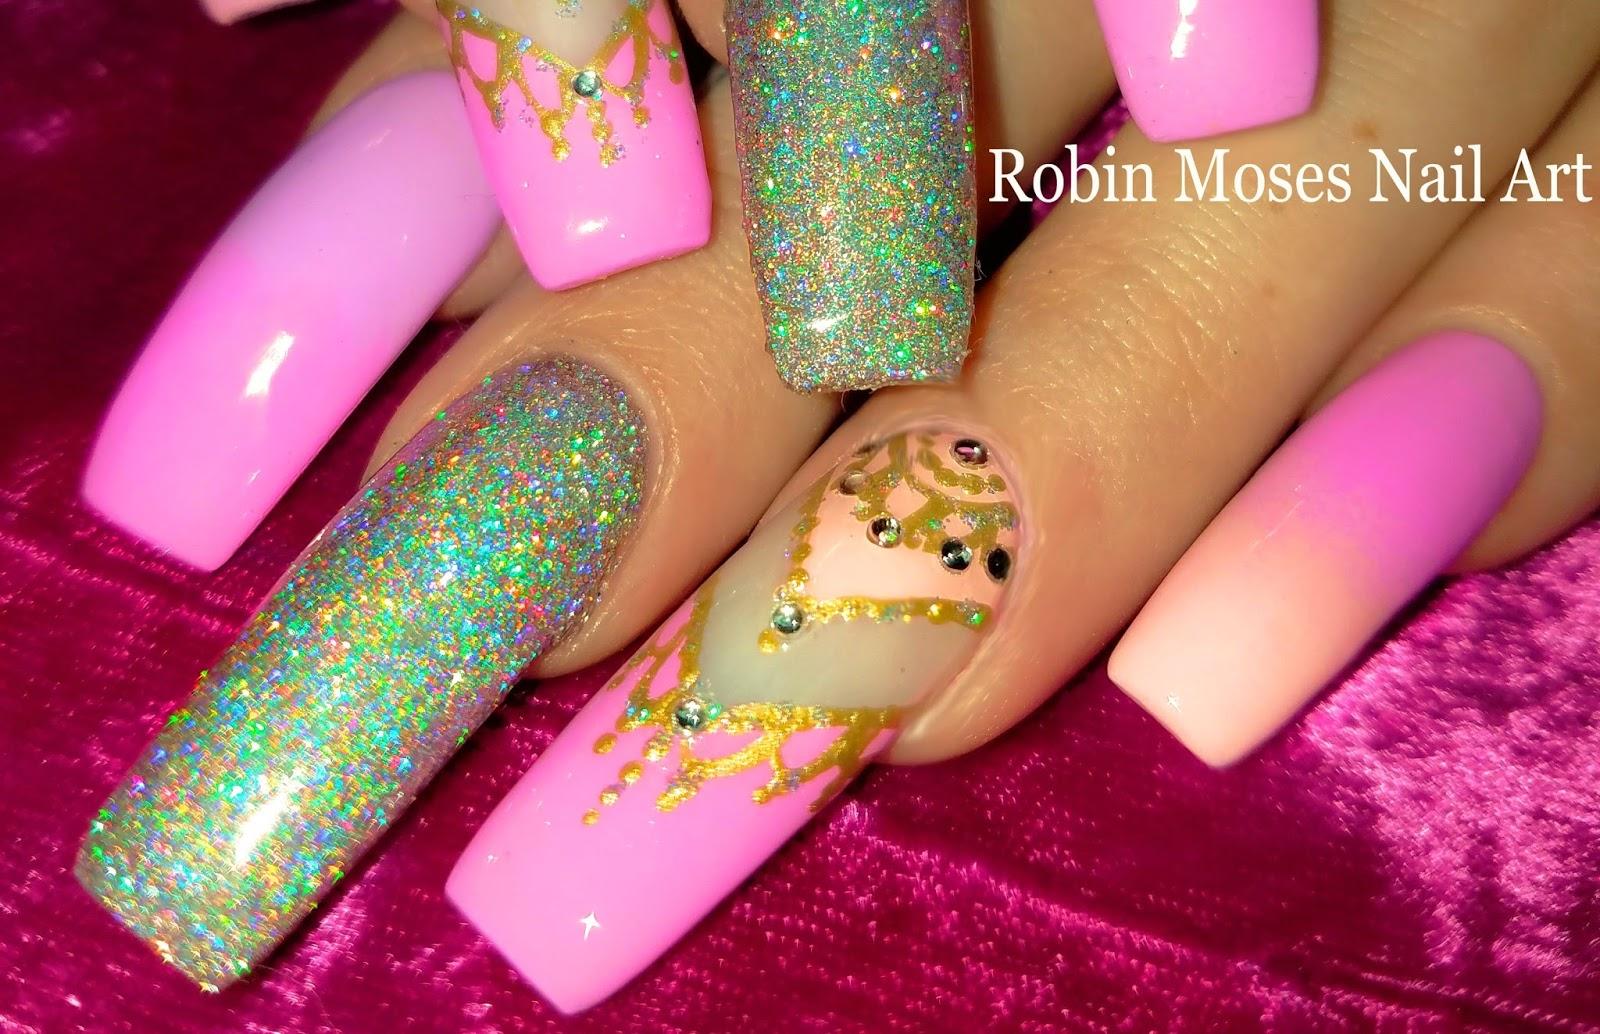 Nail Art by Robin Moses: Lush Holographic Glitter Nail